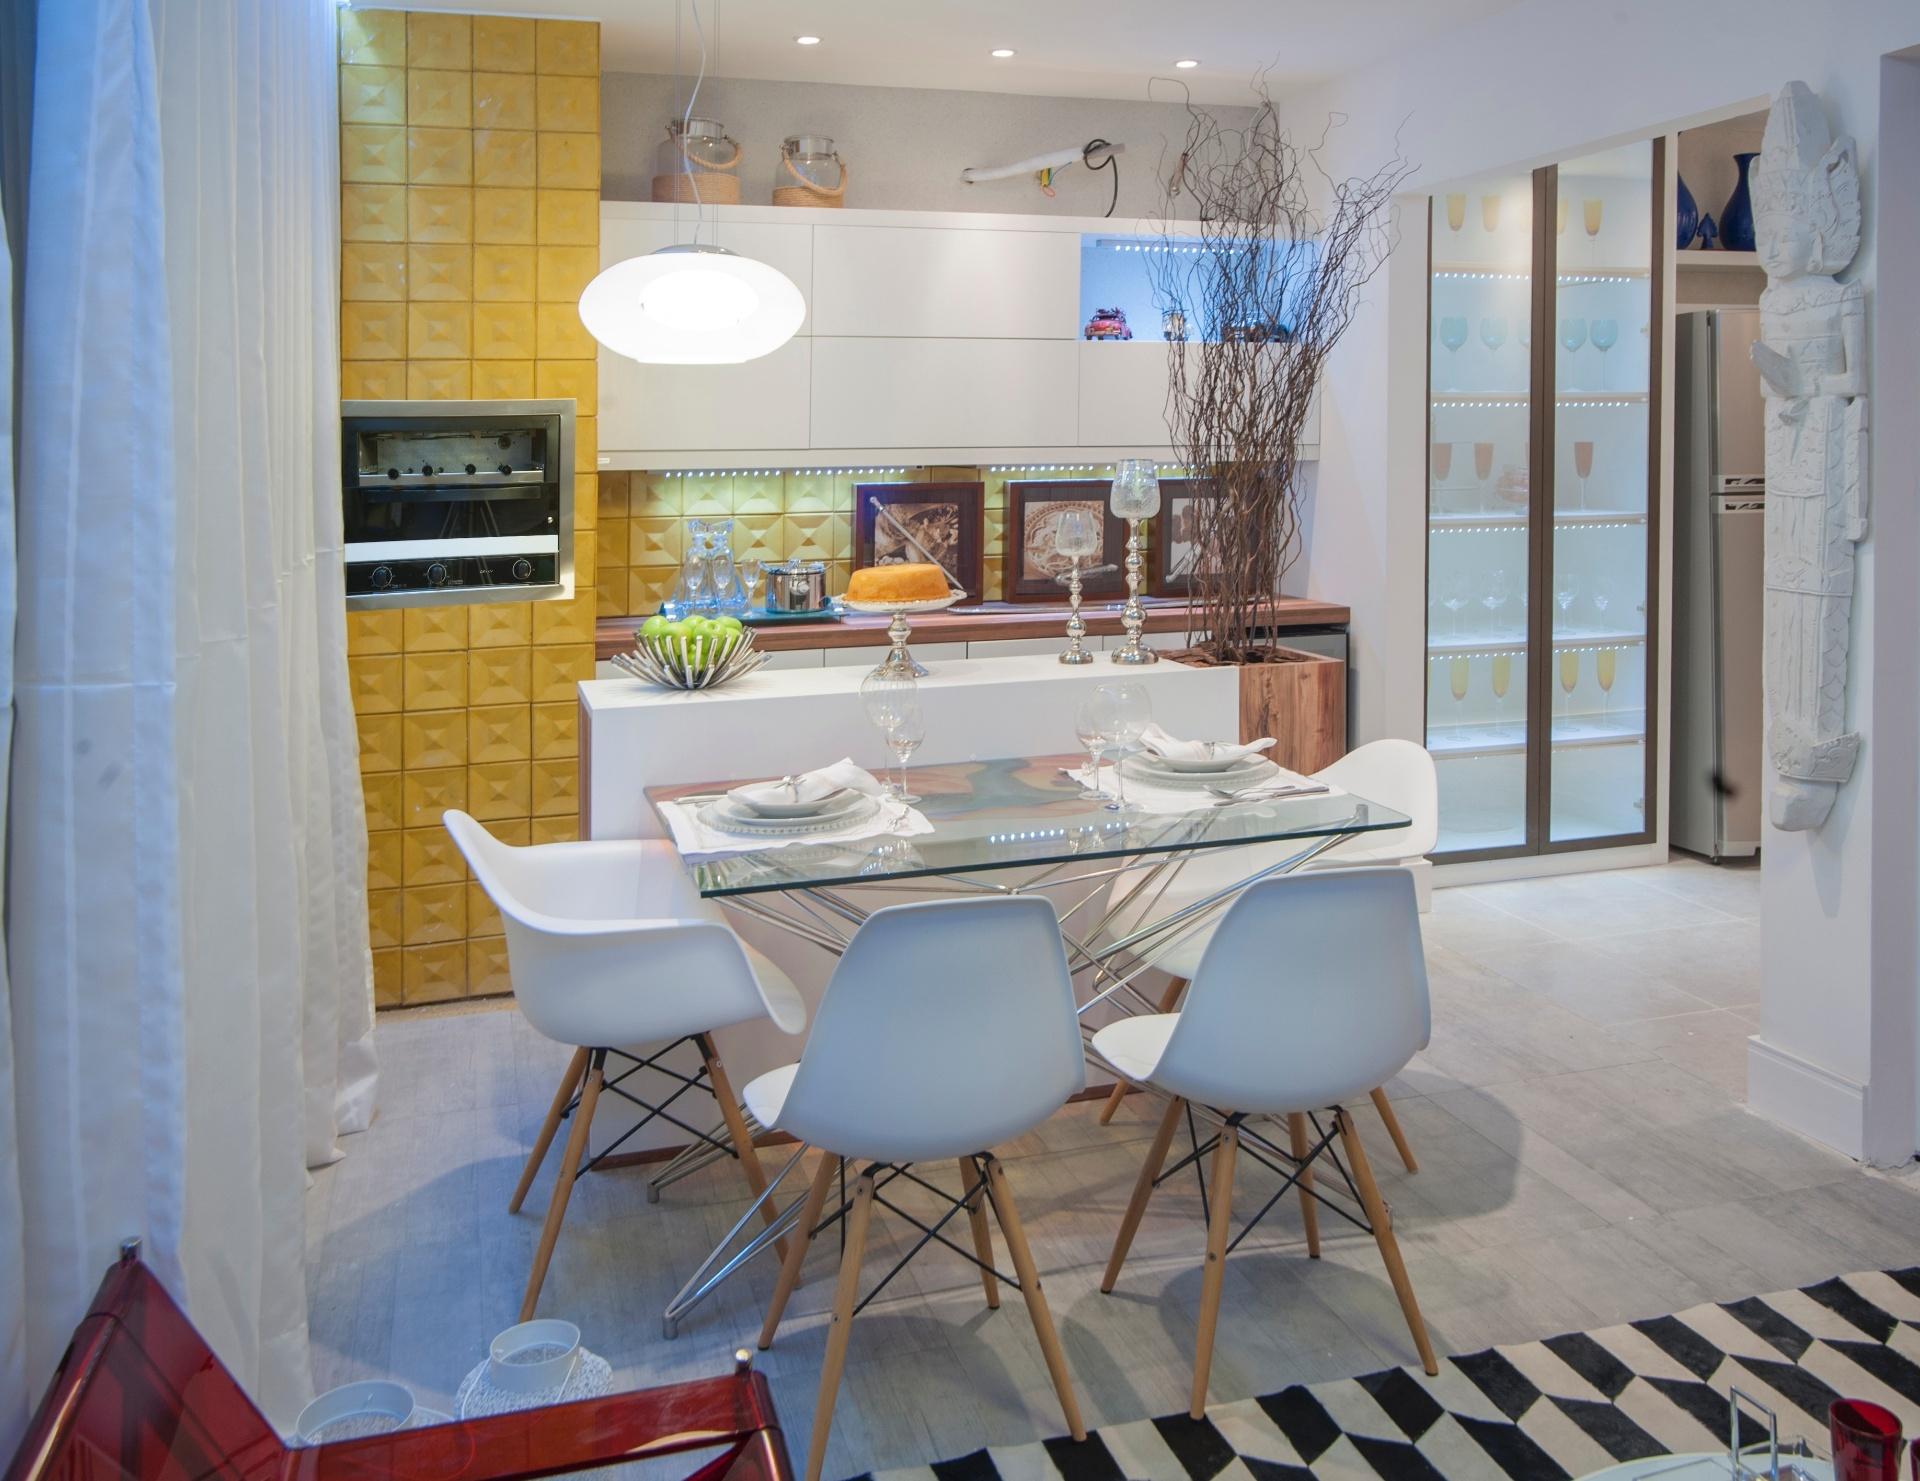 Cléo Farias e Priscila Rocha assinam a Varanda Gourmet e a Cozinha. O  #987933 1920 1481